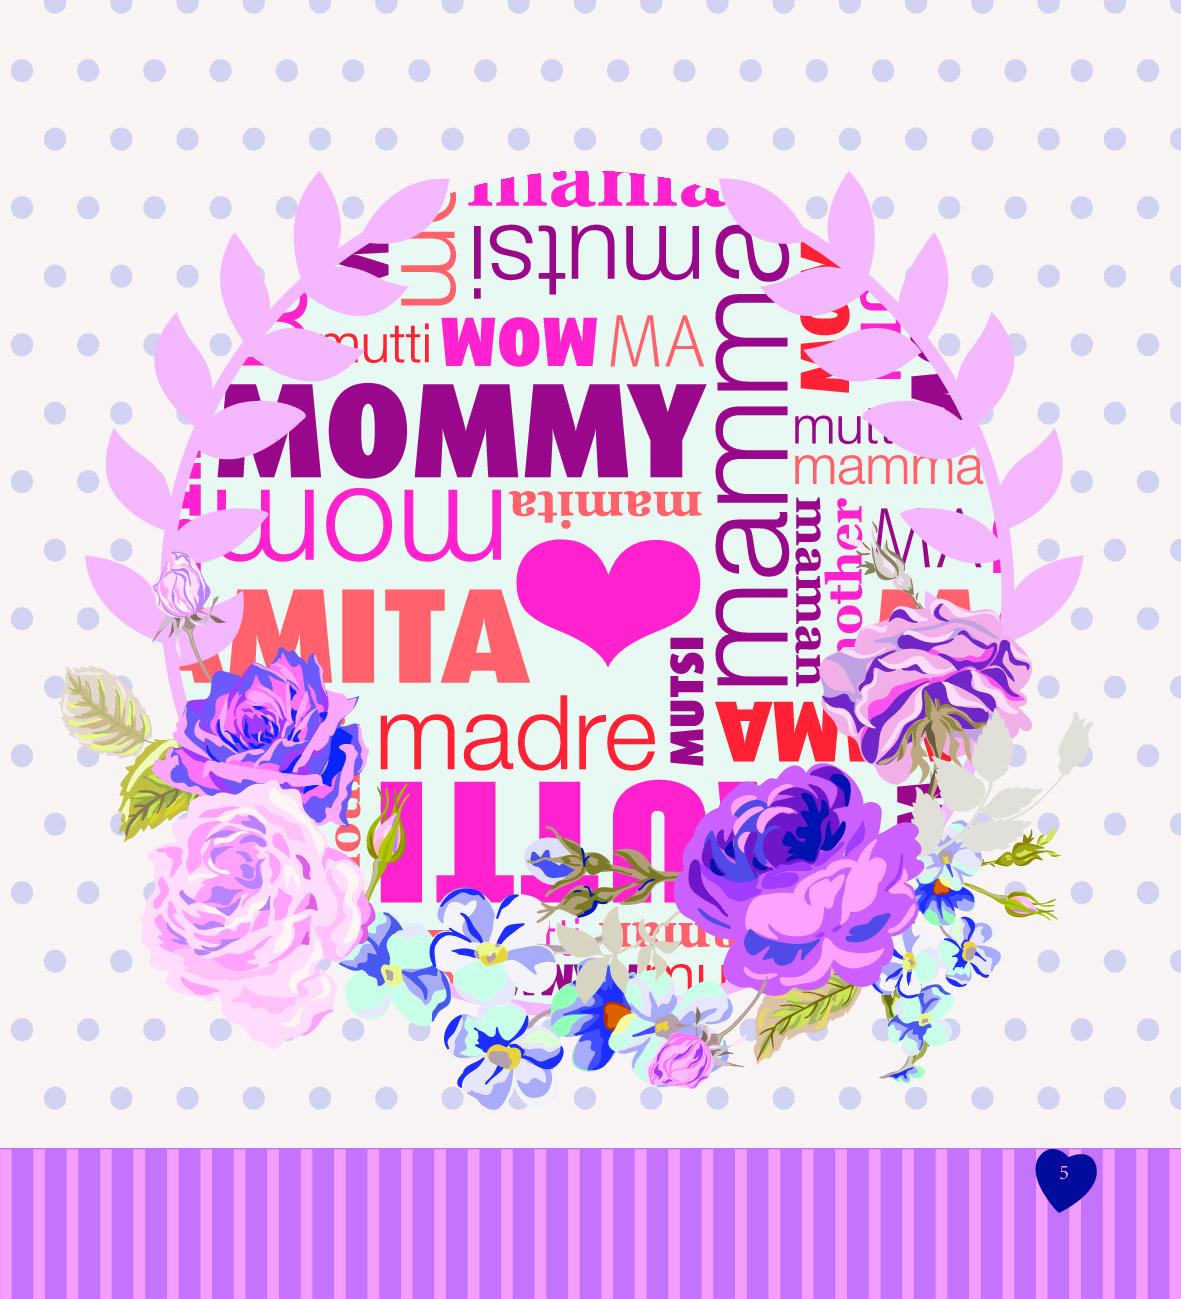 открытка единственной маме на свете с днем рождения основе